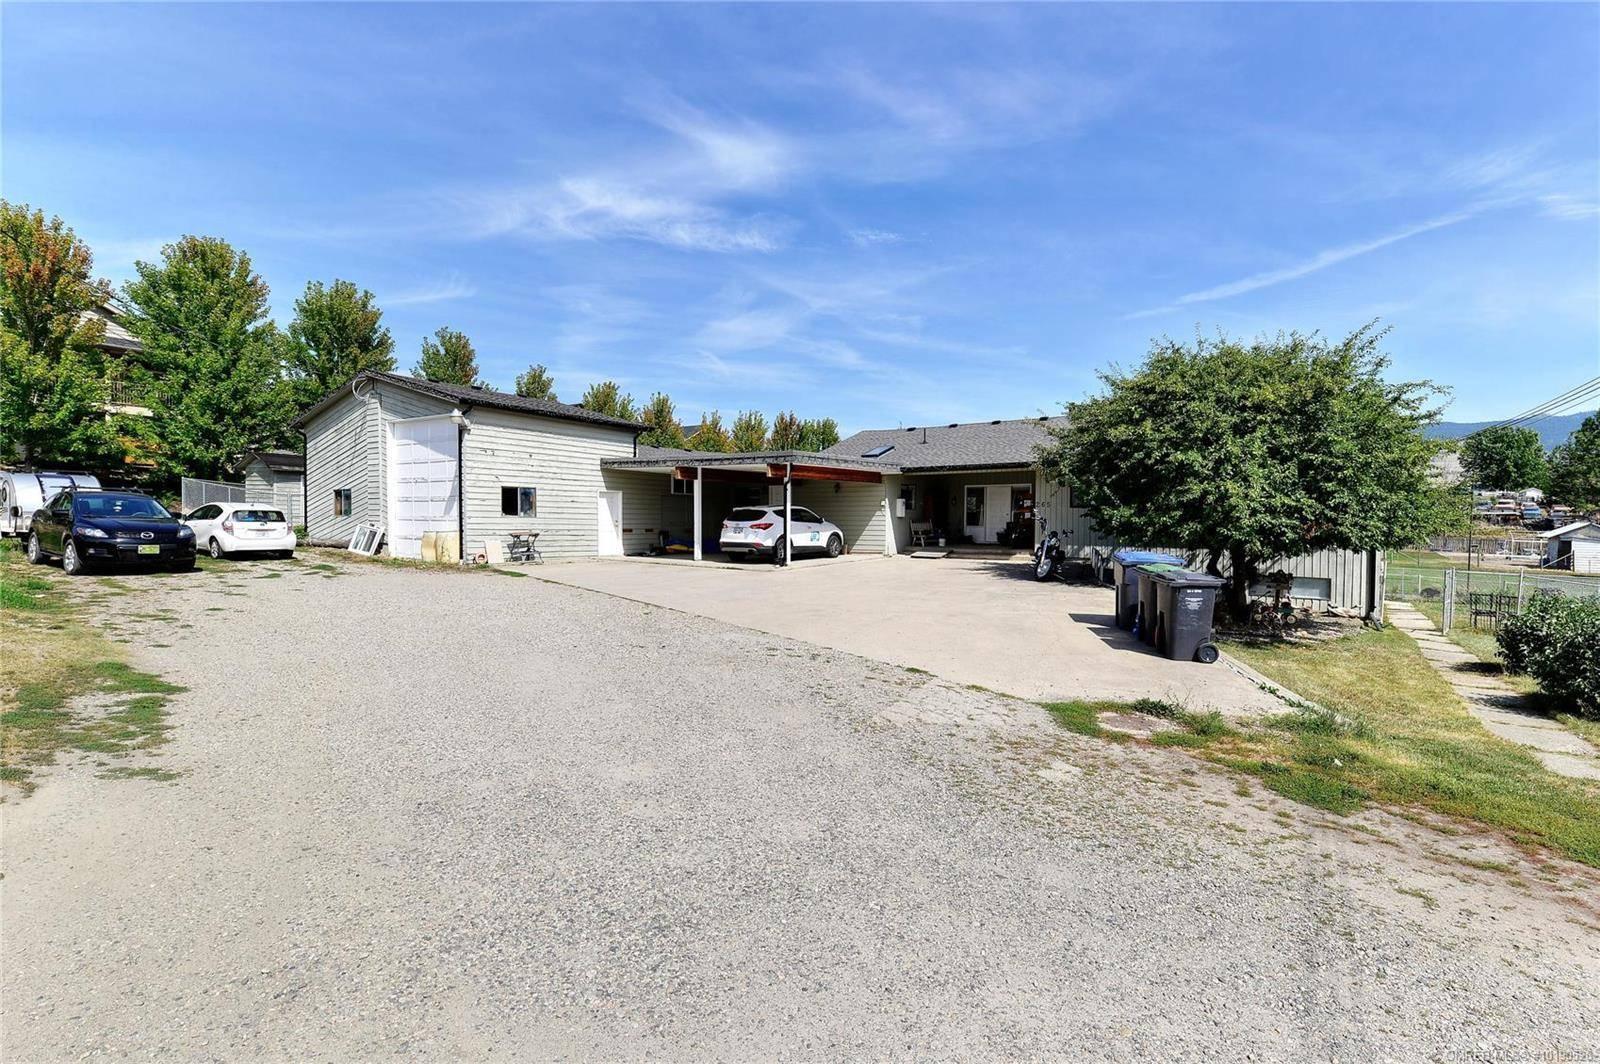 House for sale at 265 Arab Ct Kelowna British Columbia - MLS: 10190526